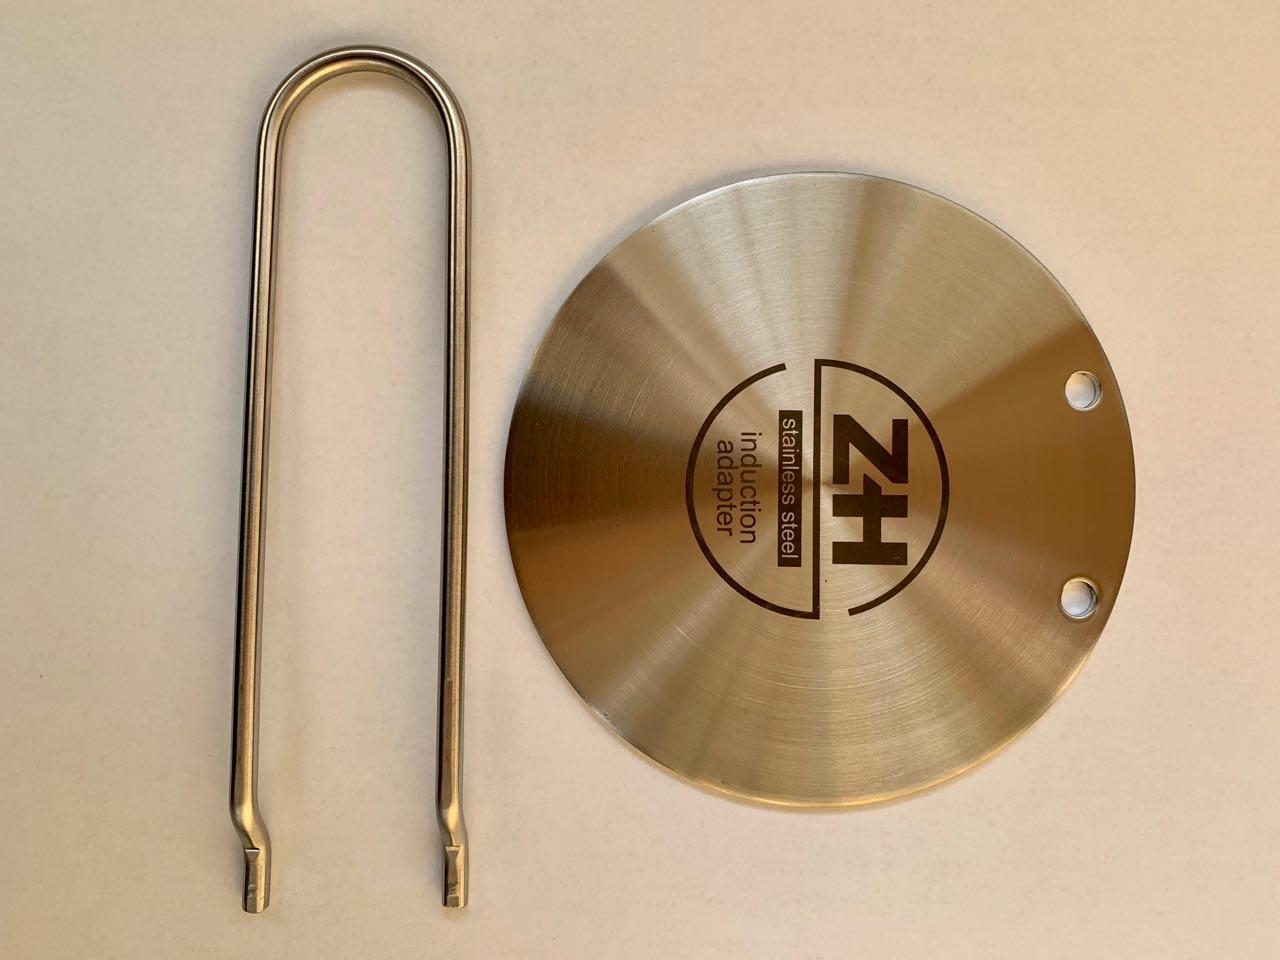 Подставка-адаптер ZH для турки под индукционную плиту